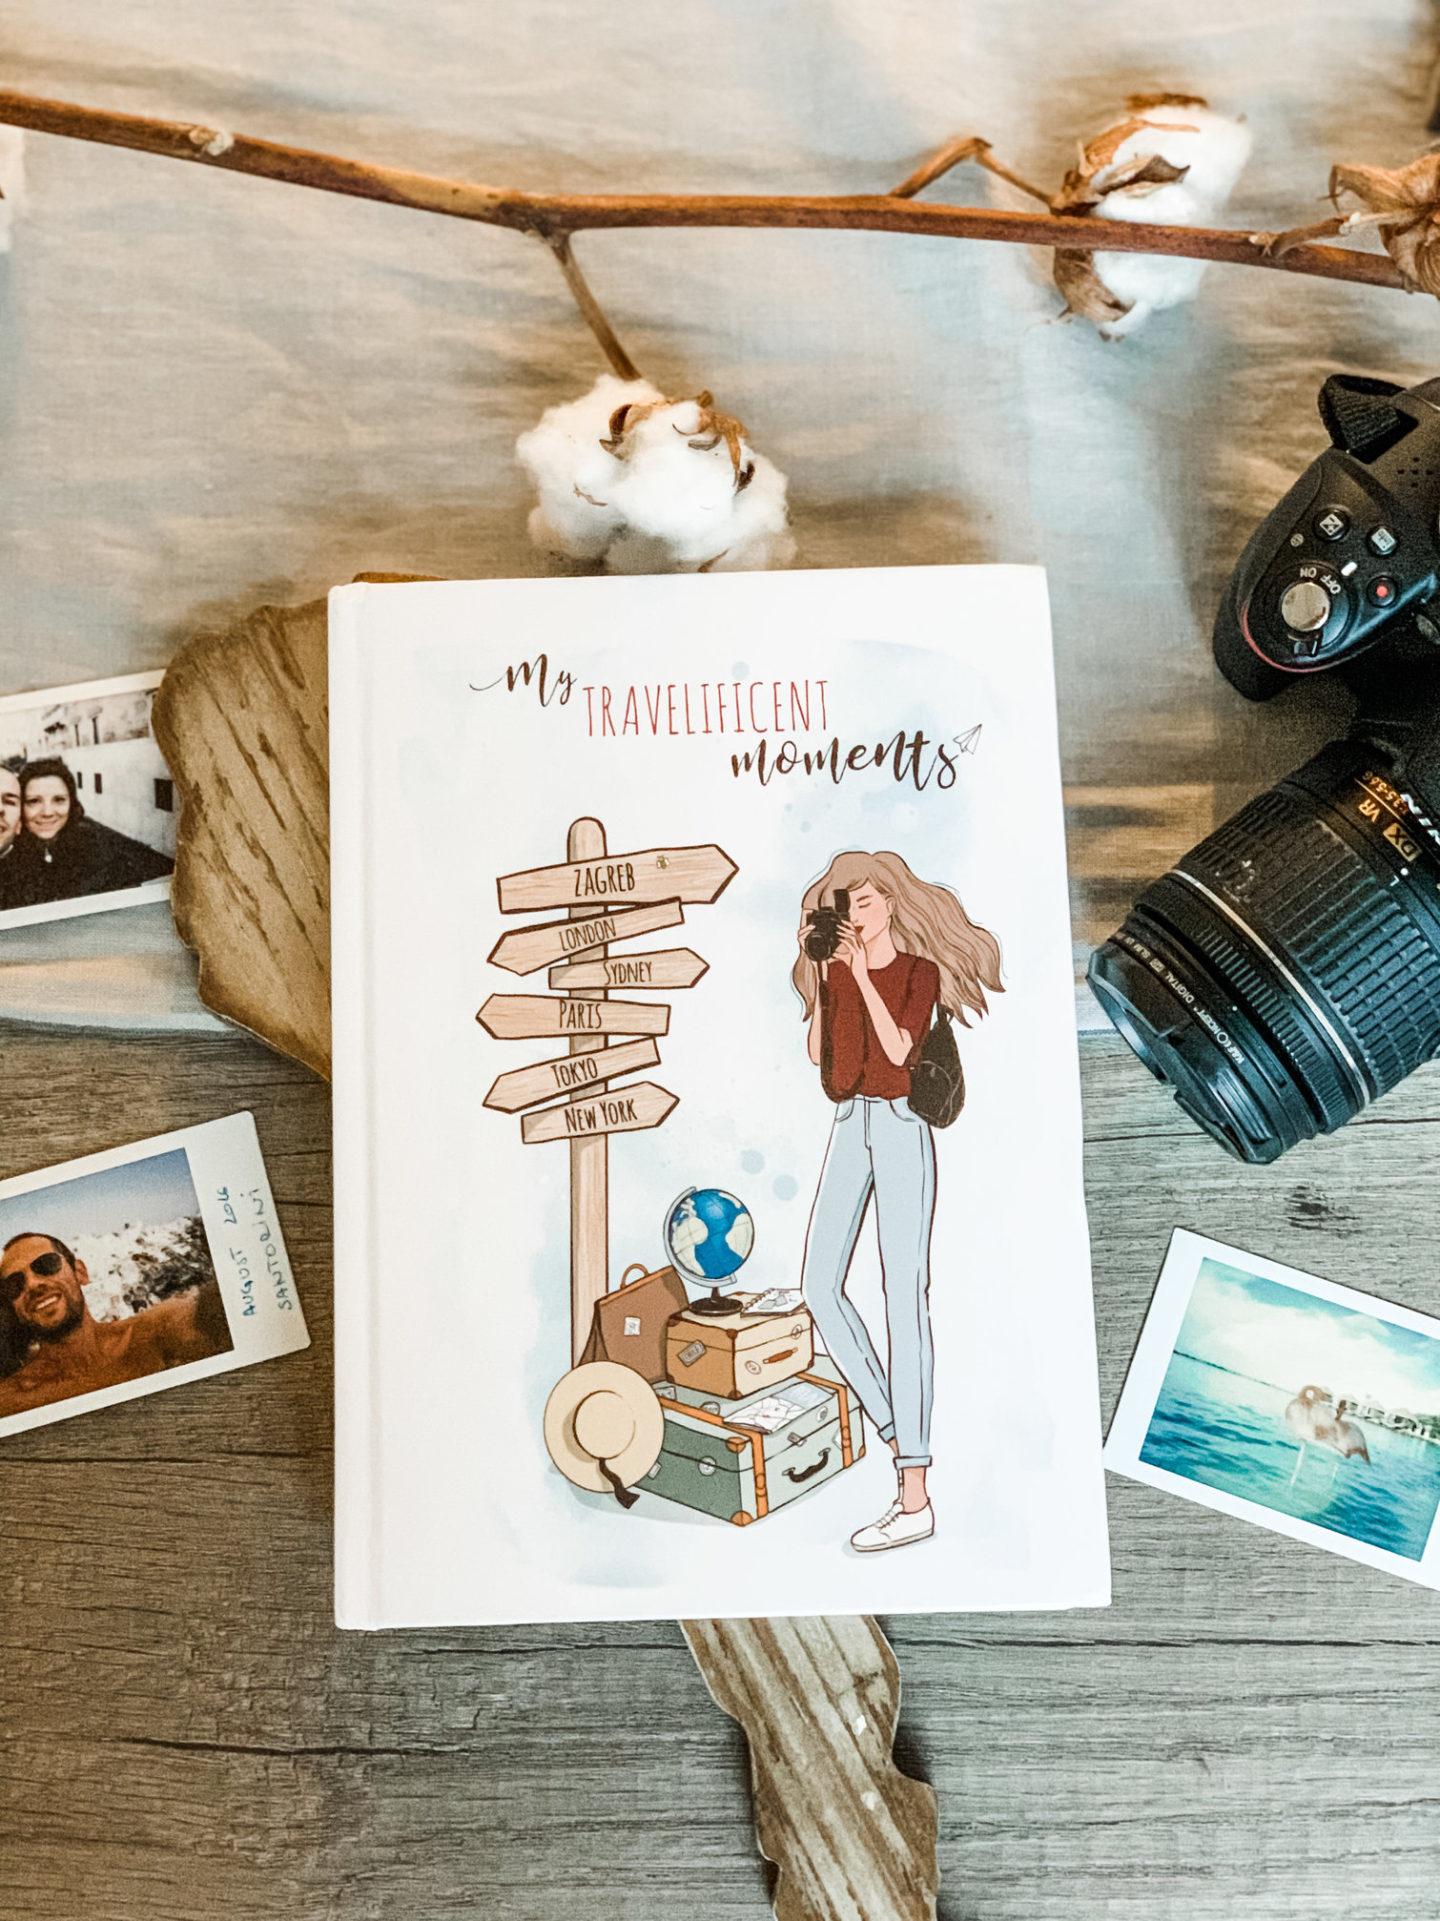 Planer za putovanja, savršen način da sačuvate svoje uspomene